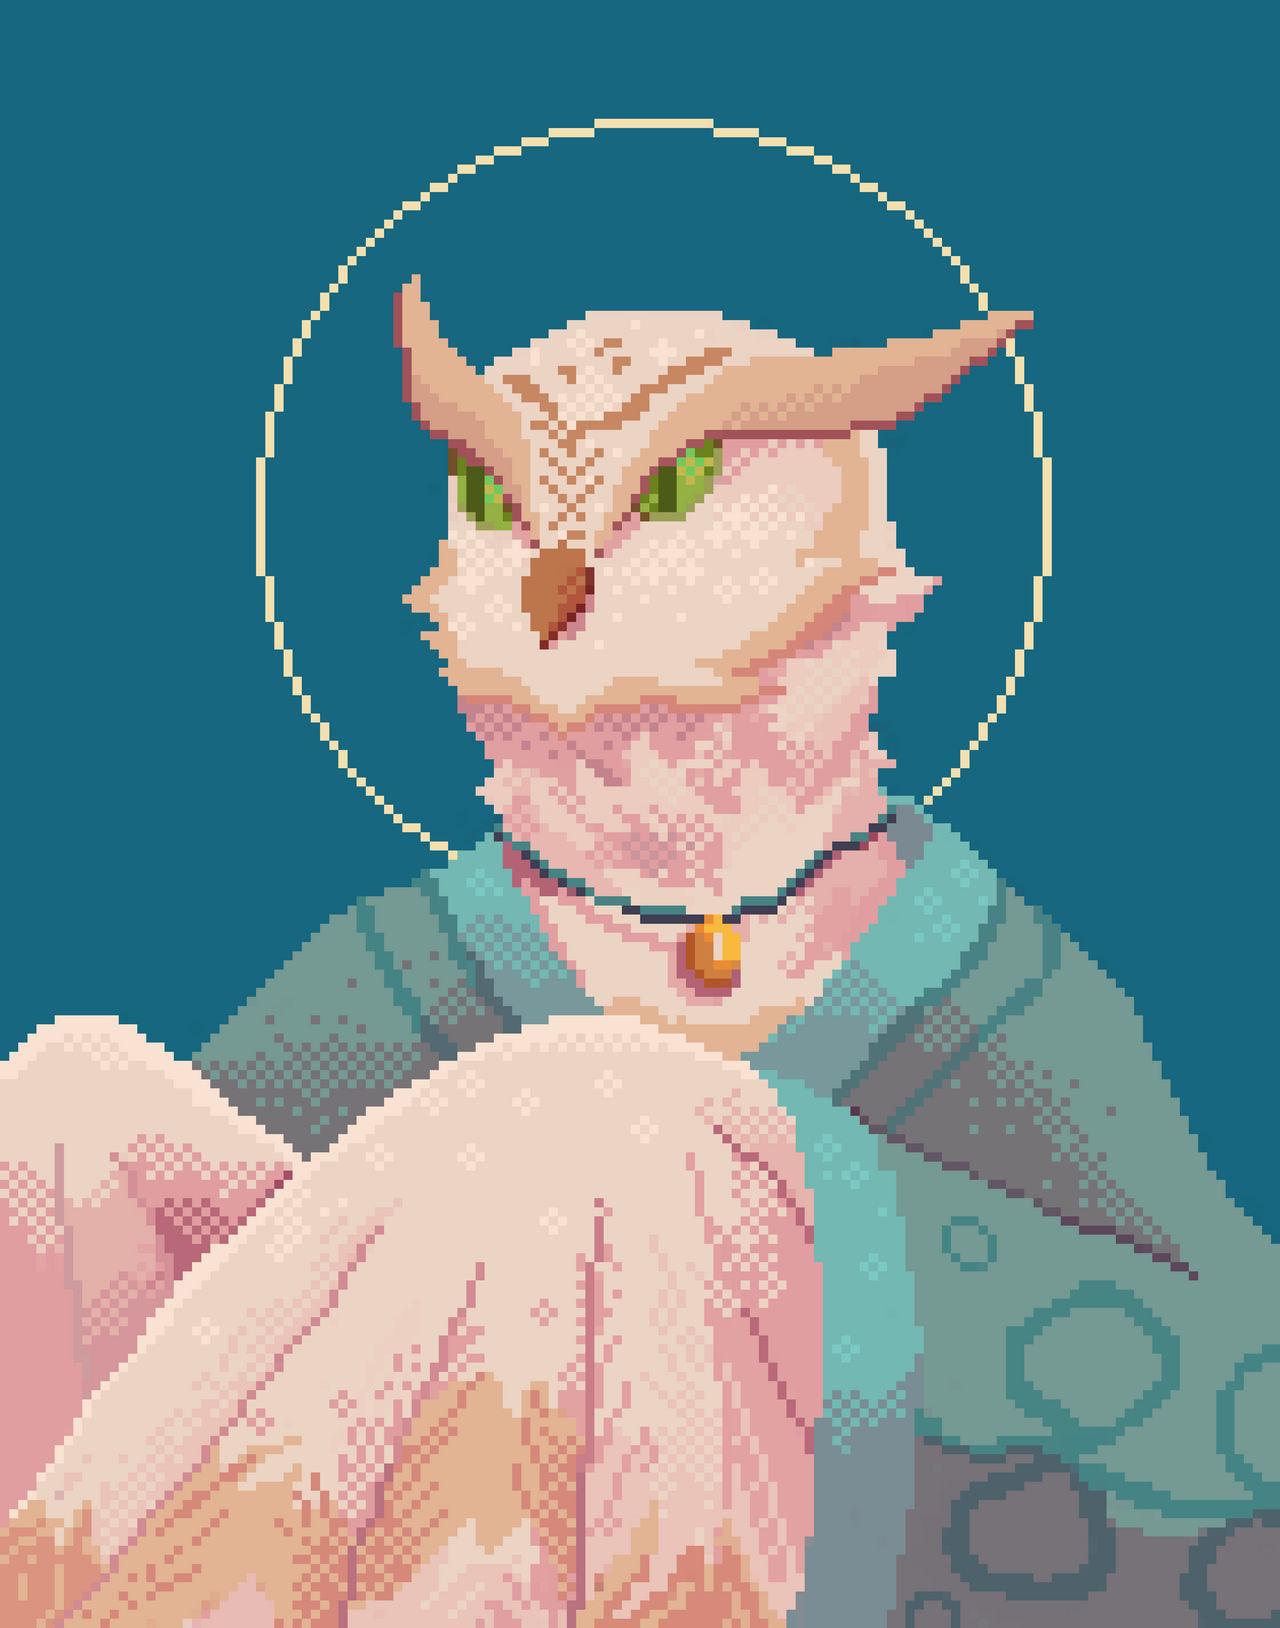 Pixel portrait